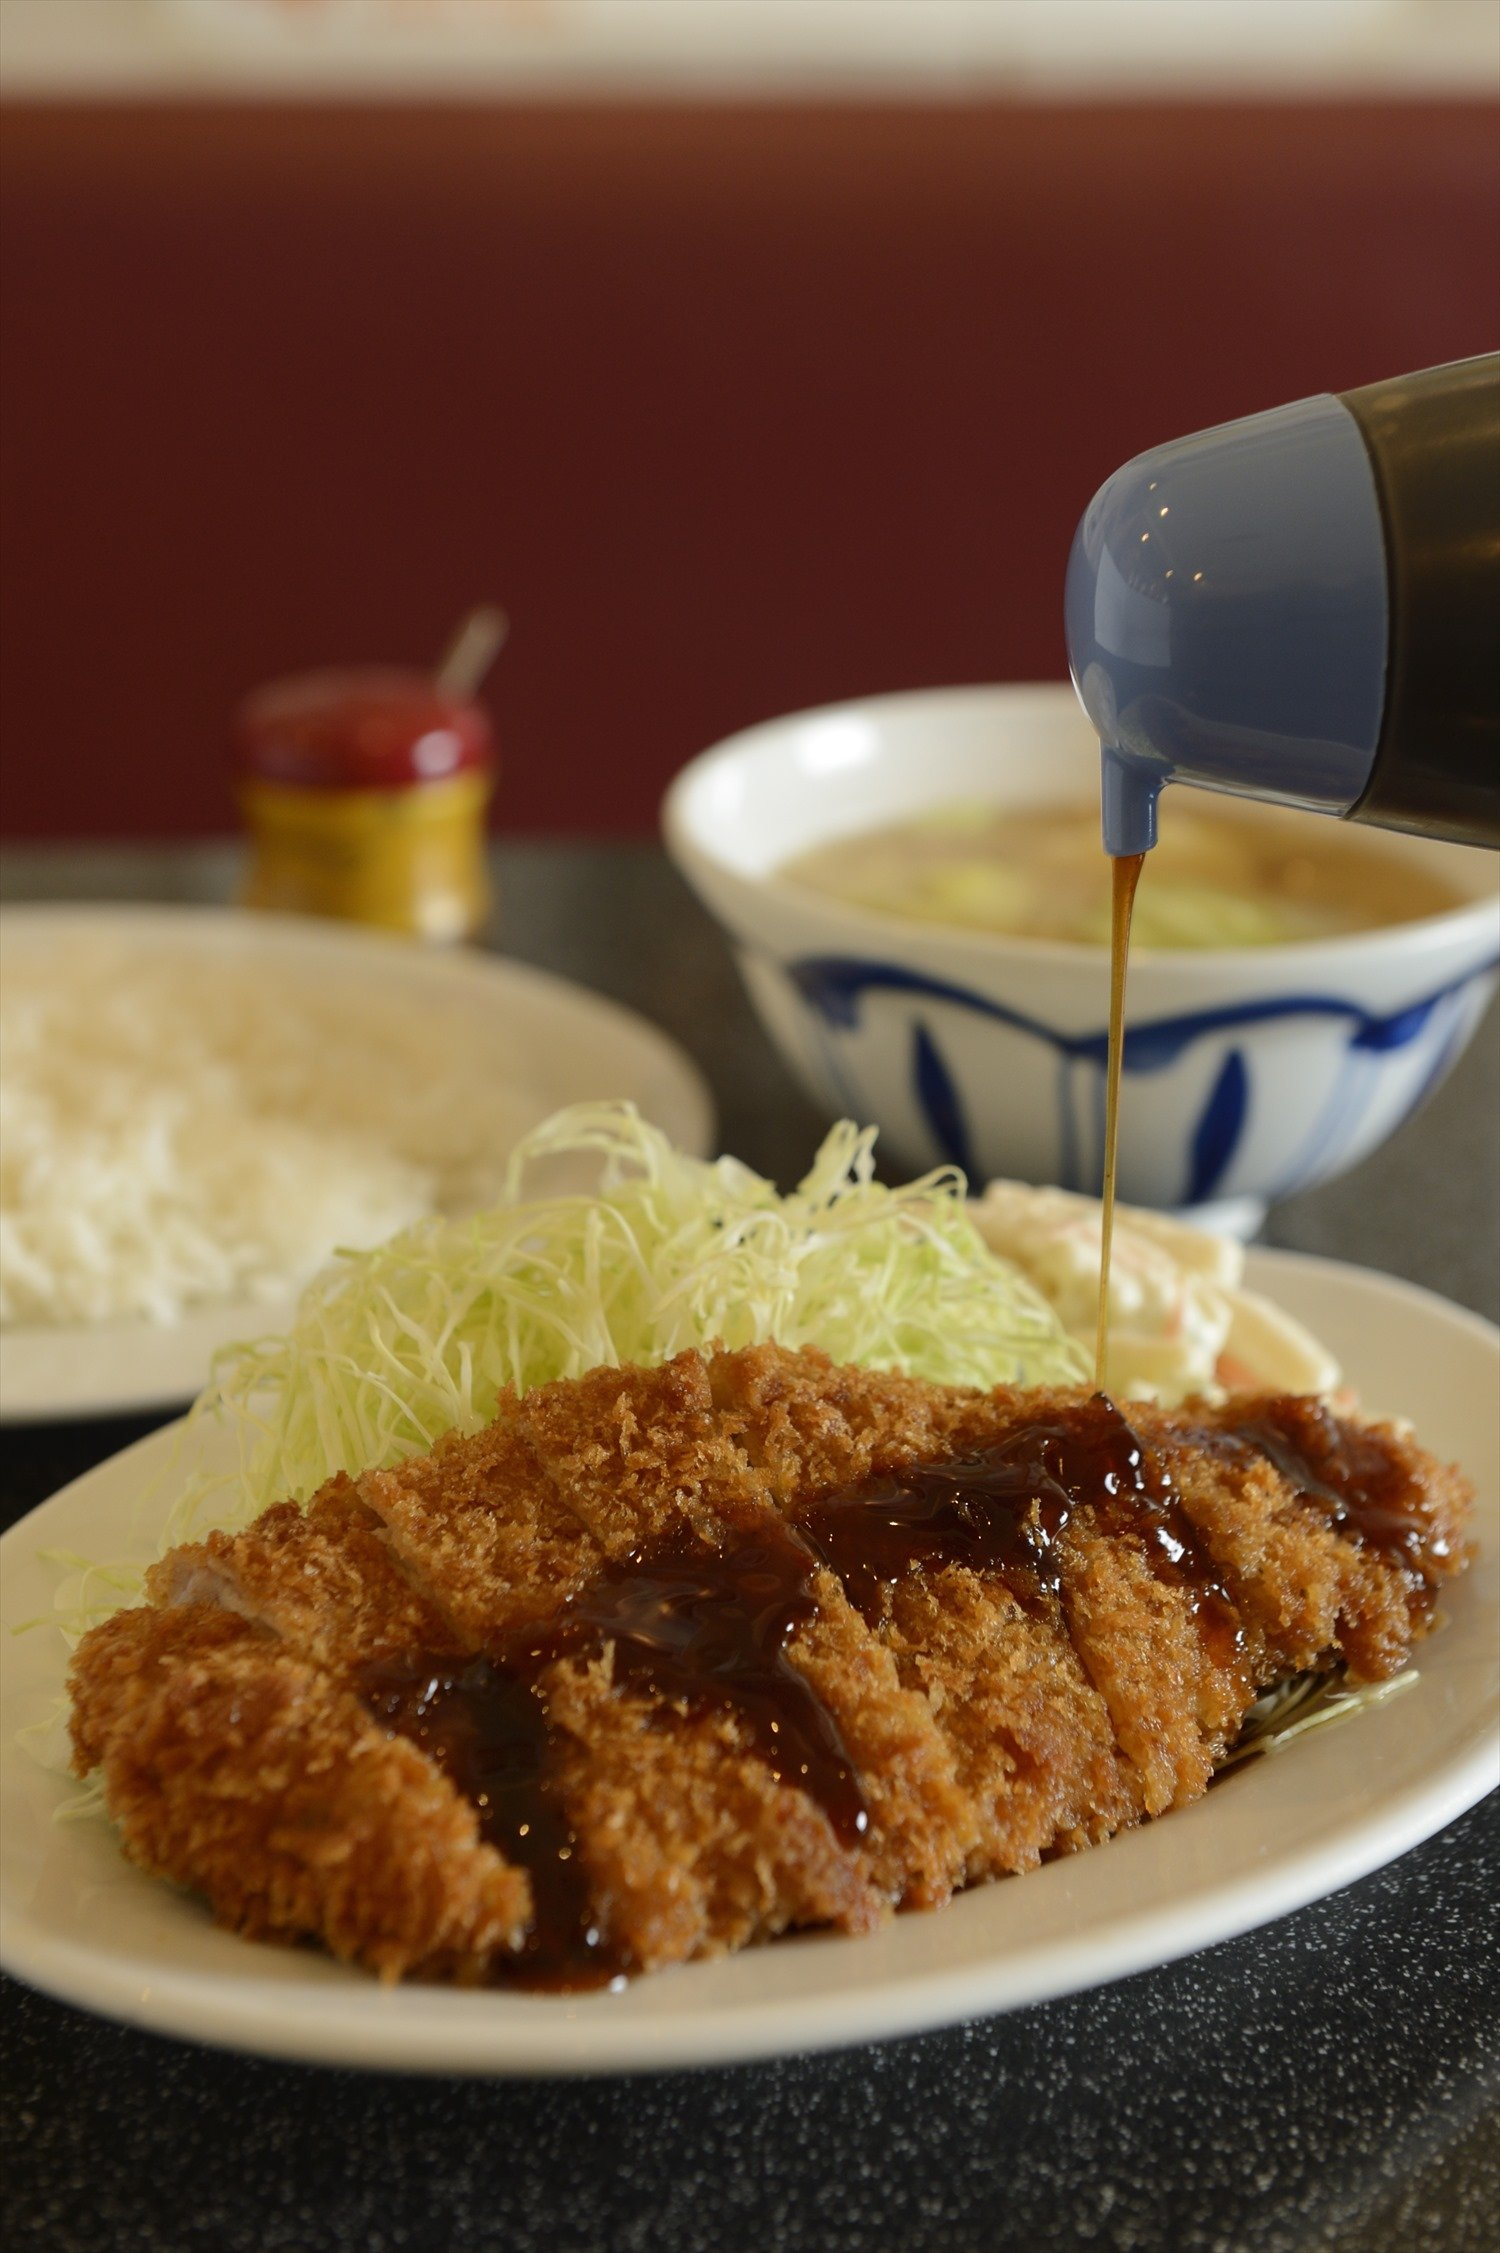 ロースとんかつ定食は驚愕の600円!キャベツを直前に投入して甘みと食感を醸す豚汁付きだ。とんかつのお持ち帰り率も高い。